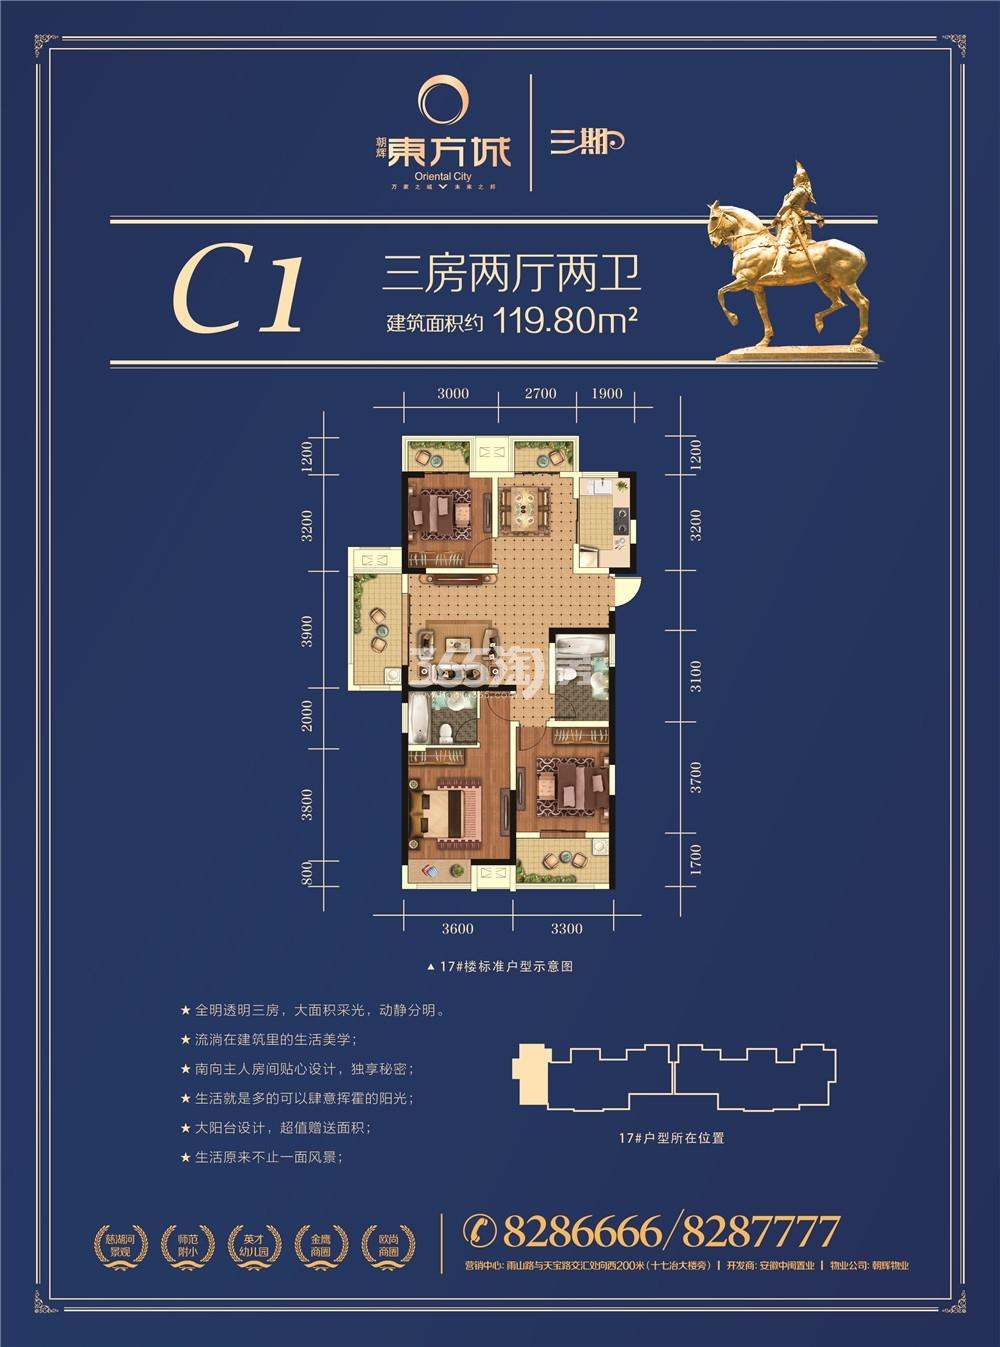 朝辉东方城三期C1户型图